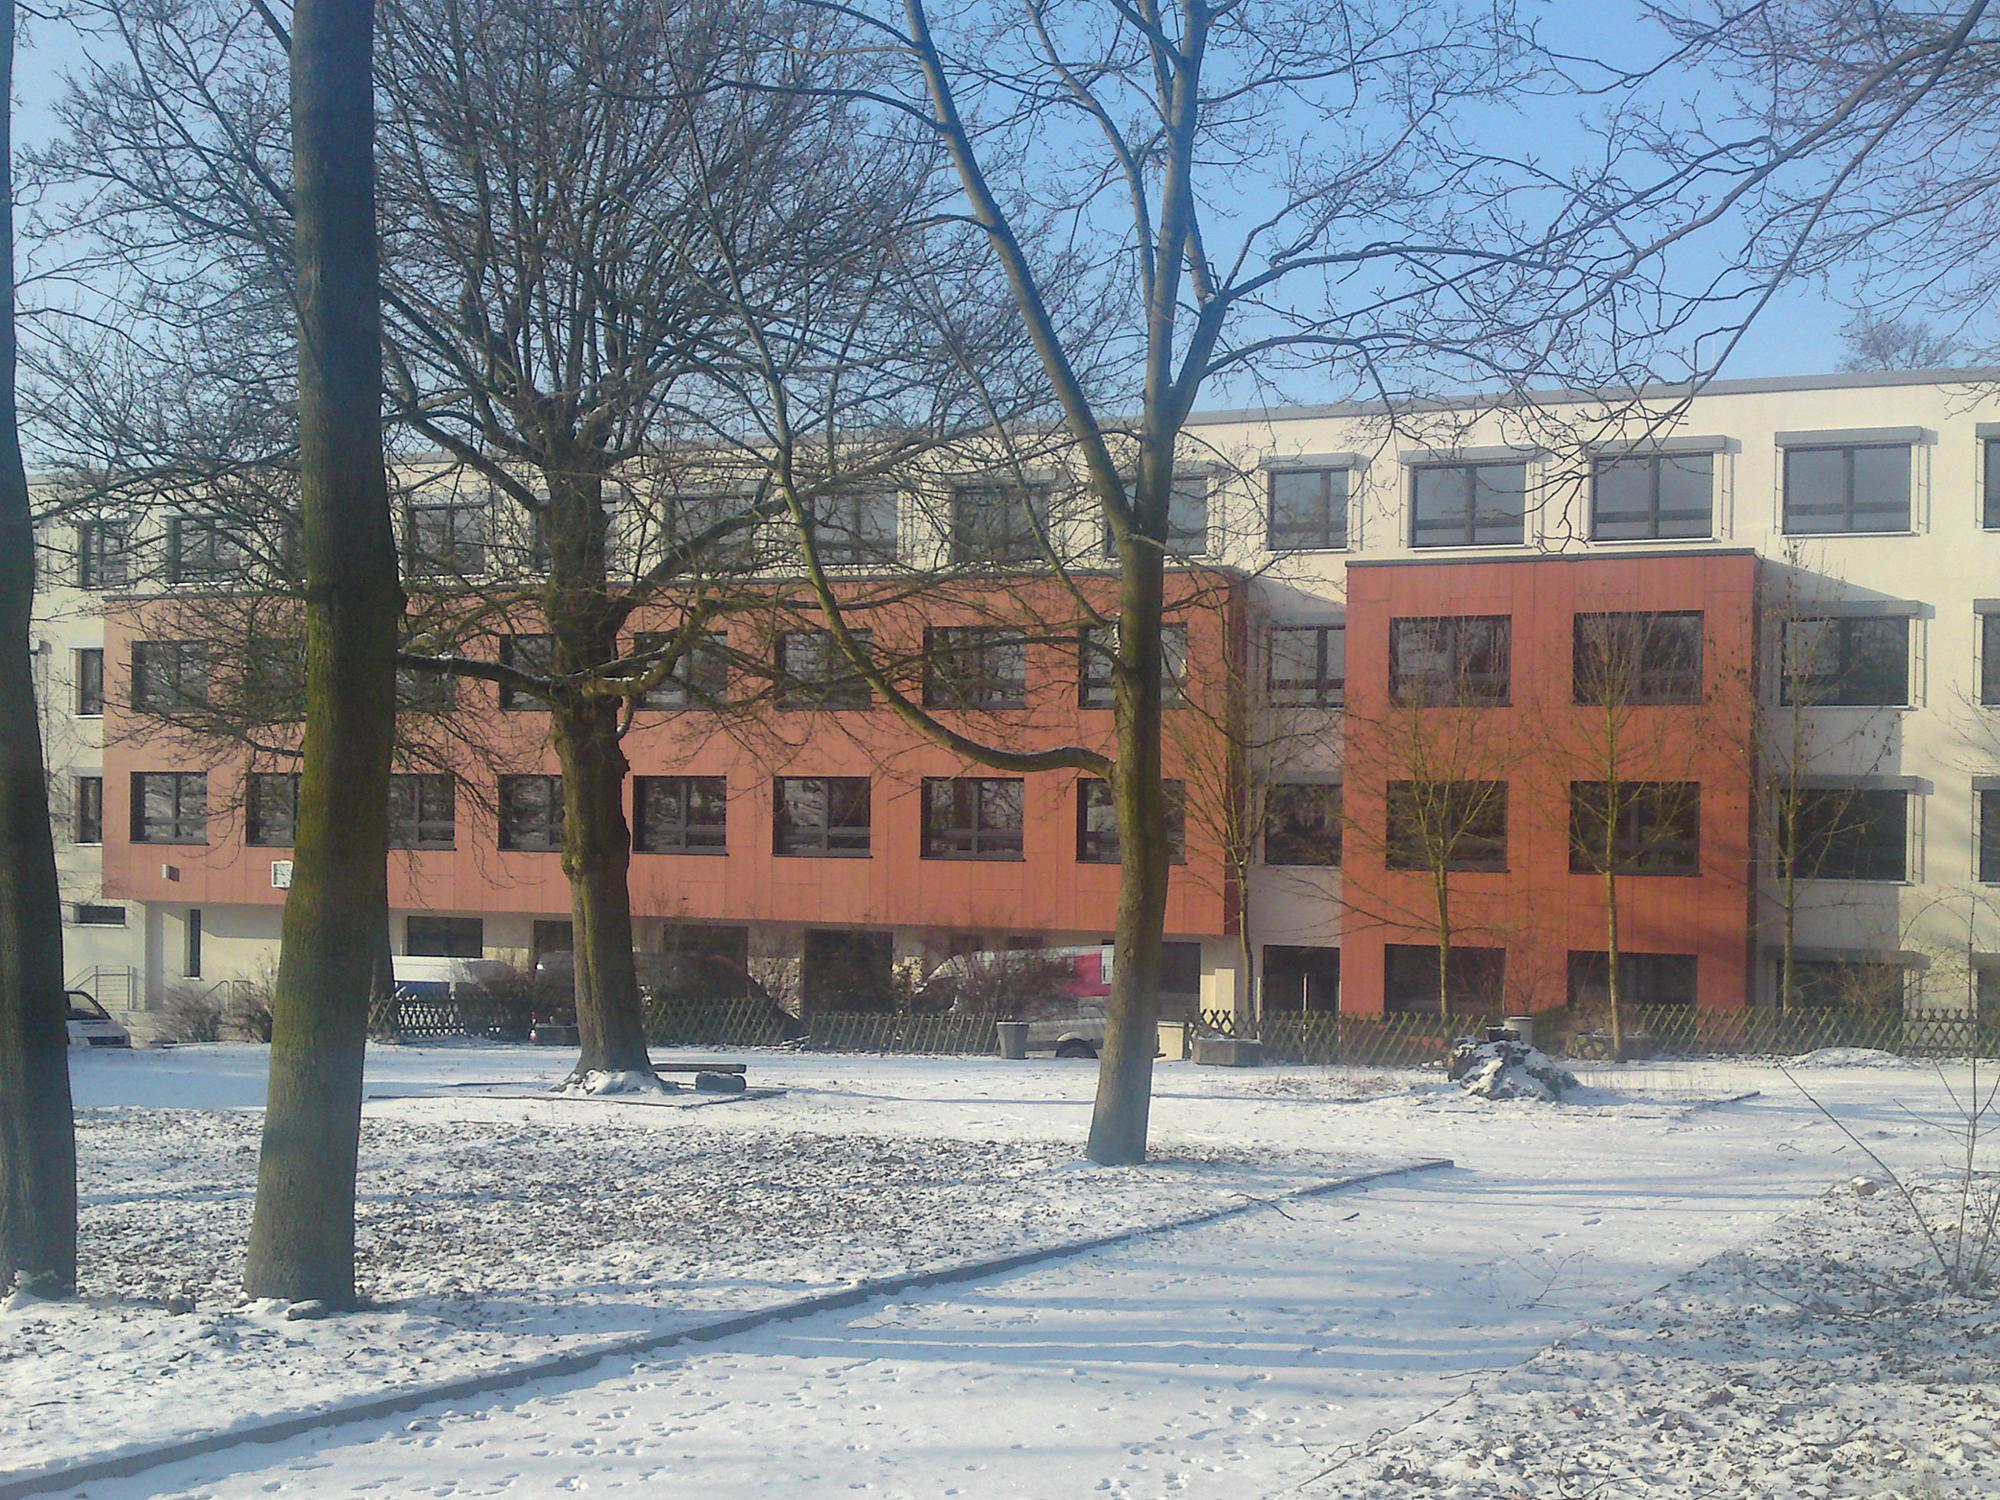 Dr Heinrich Nordhausen staatl reg förderzentrum johann heinrich pestalozzi nordhausen